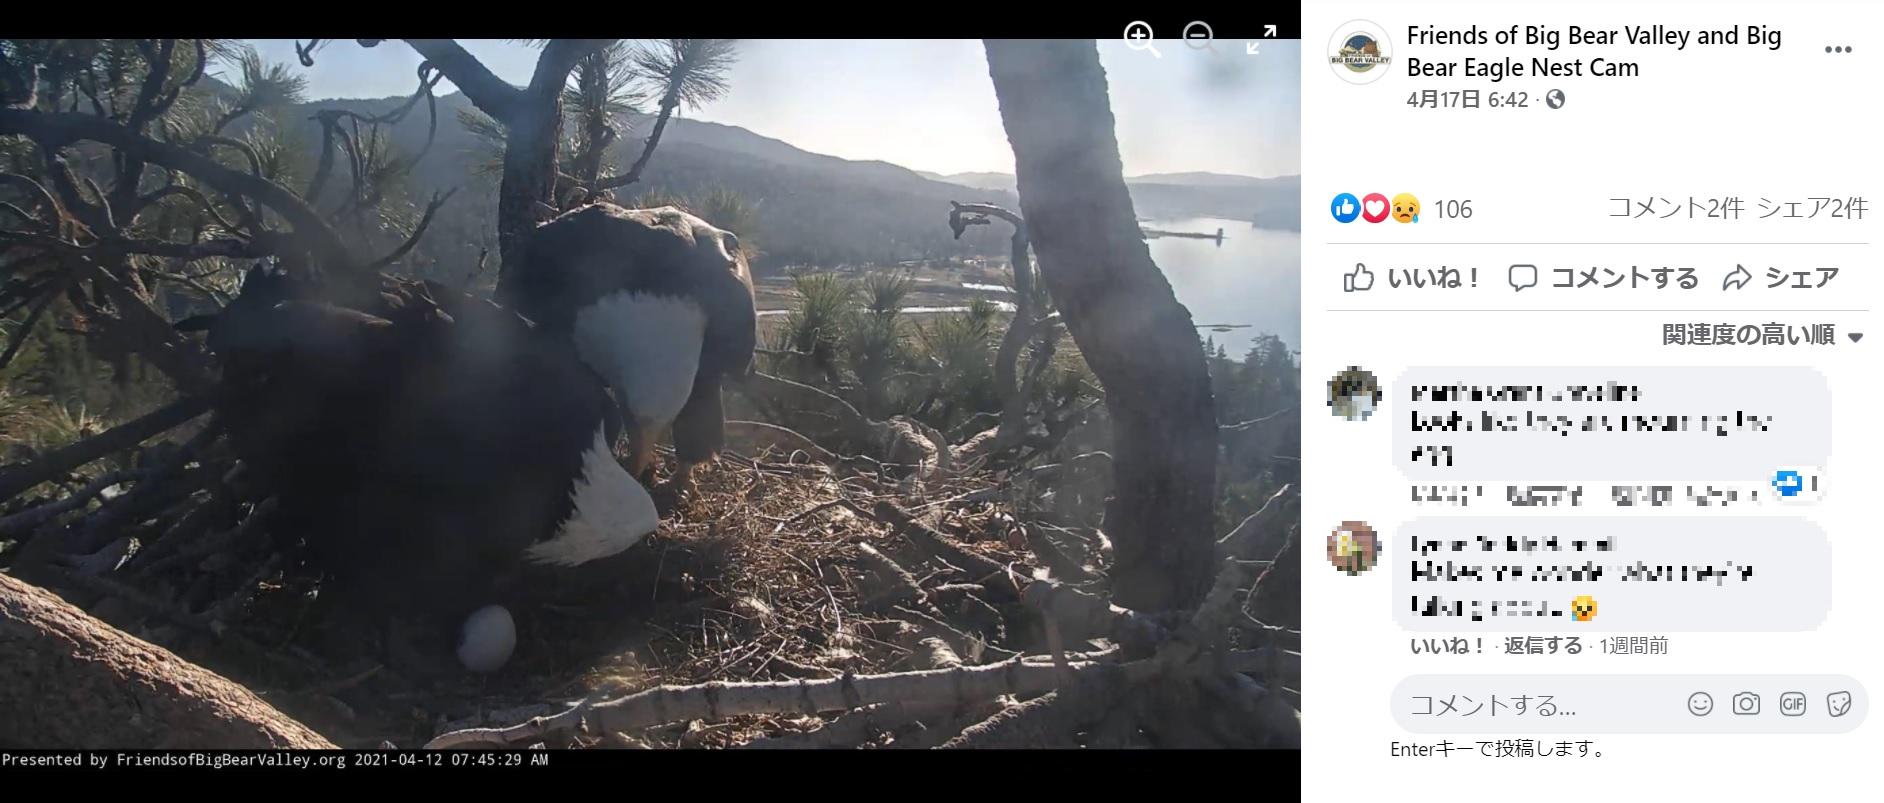 ついに2つ目の卵も孵らず、2羽は温めるのを止めた(画像は『Friends of Big Bear Valley and Big Bear Eagle Nest Cam 2021年4月17日付Facebook「Jackie & Shadow continue visiting the nest each day for short periods of time.」』のスクリーンショット)